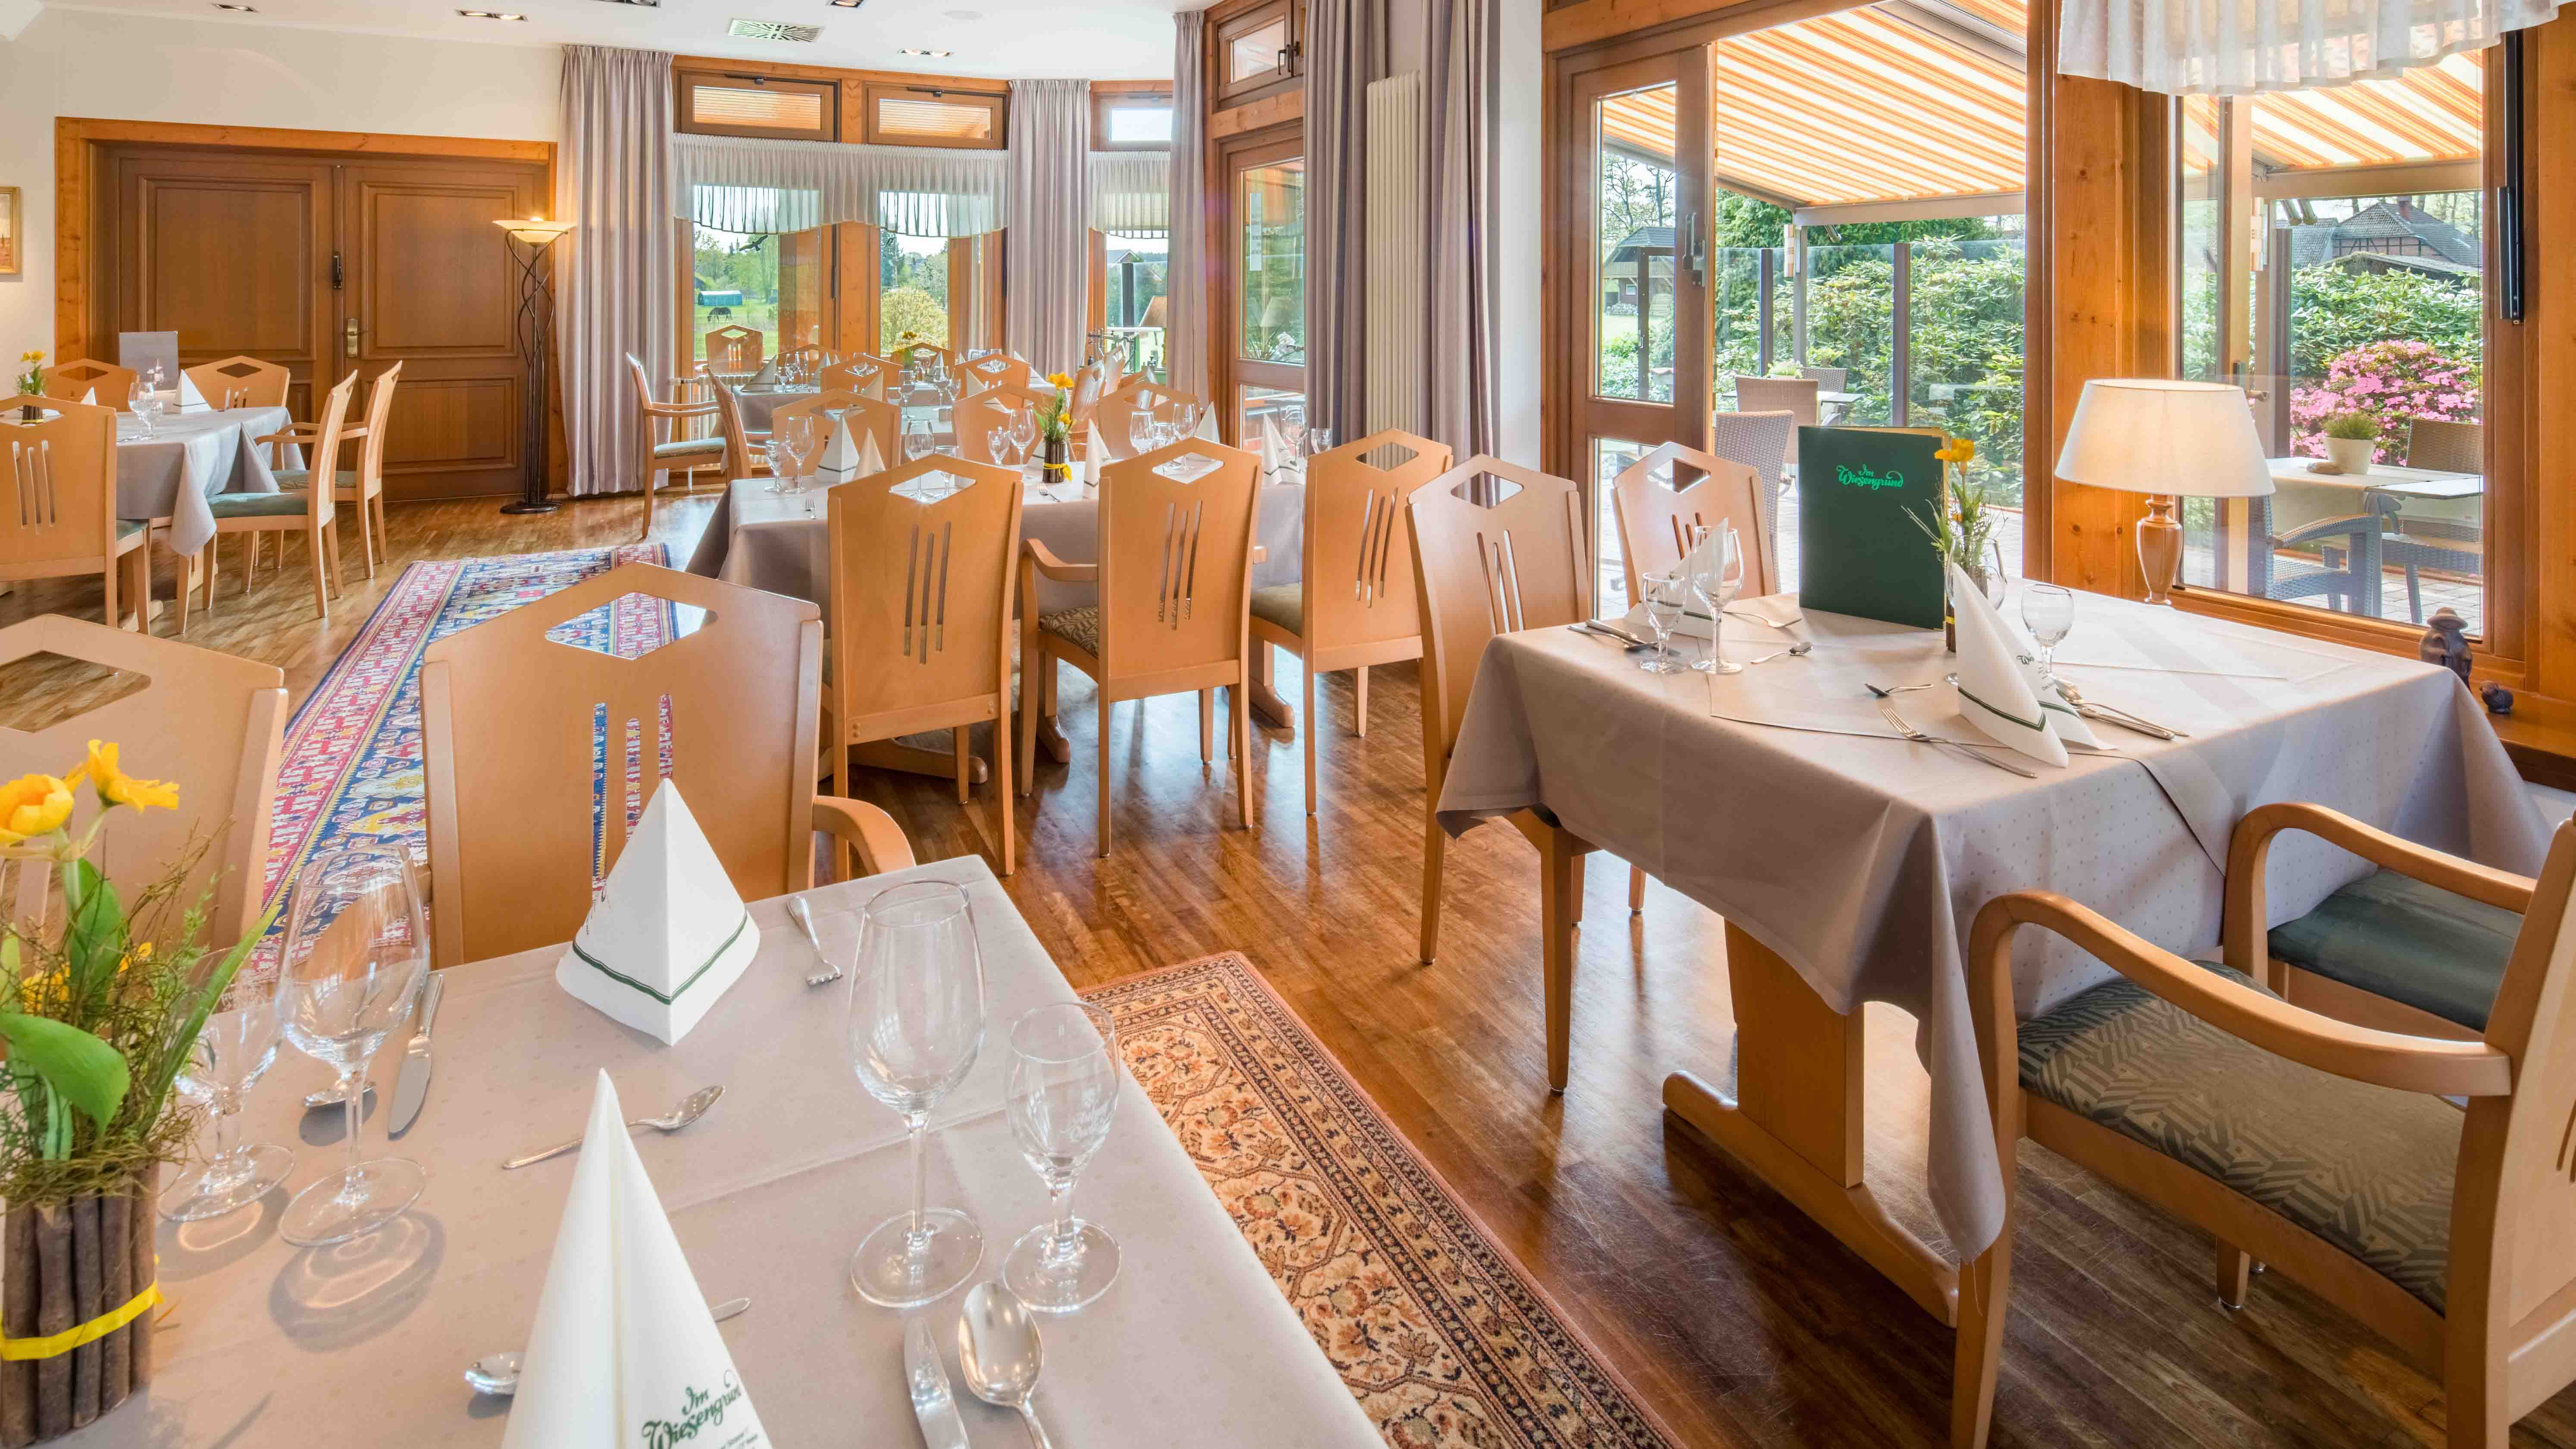 celle-region-restaurant-wiesengrund-turmstuuv